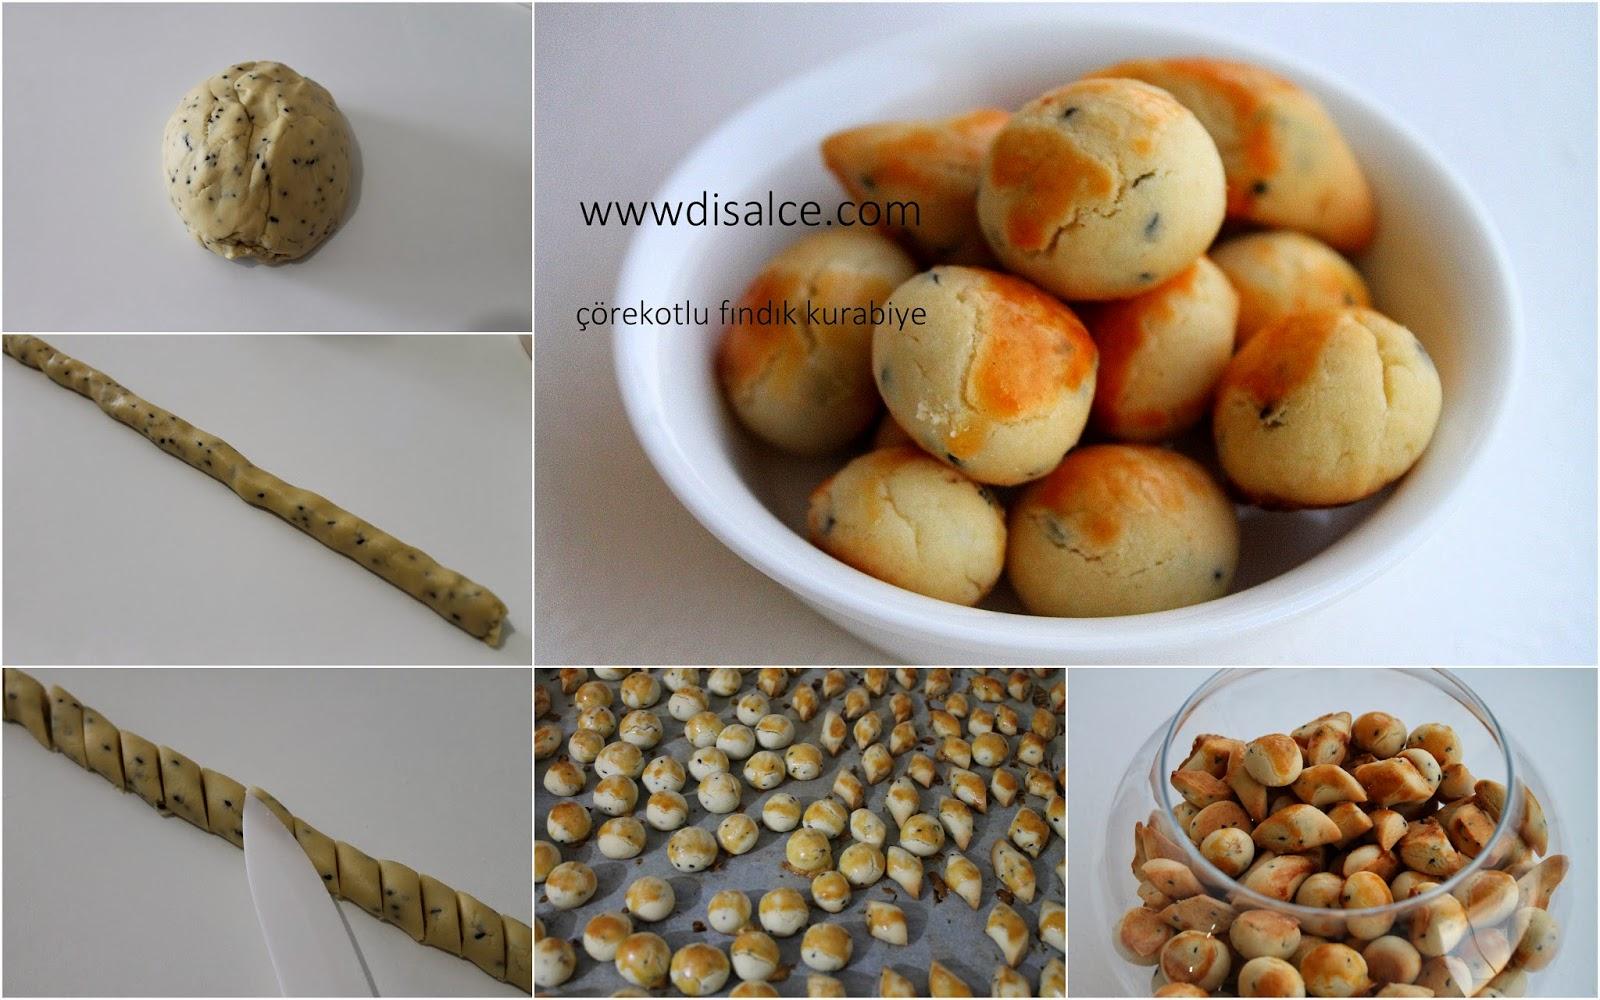 çörekotlu fındık kurabiye